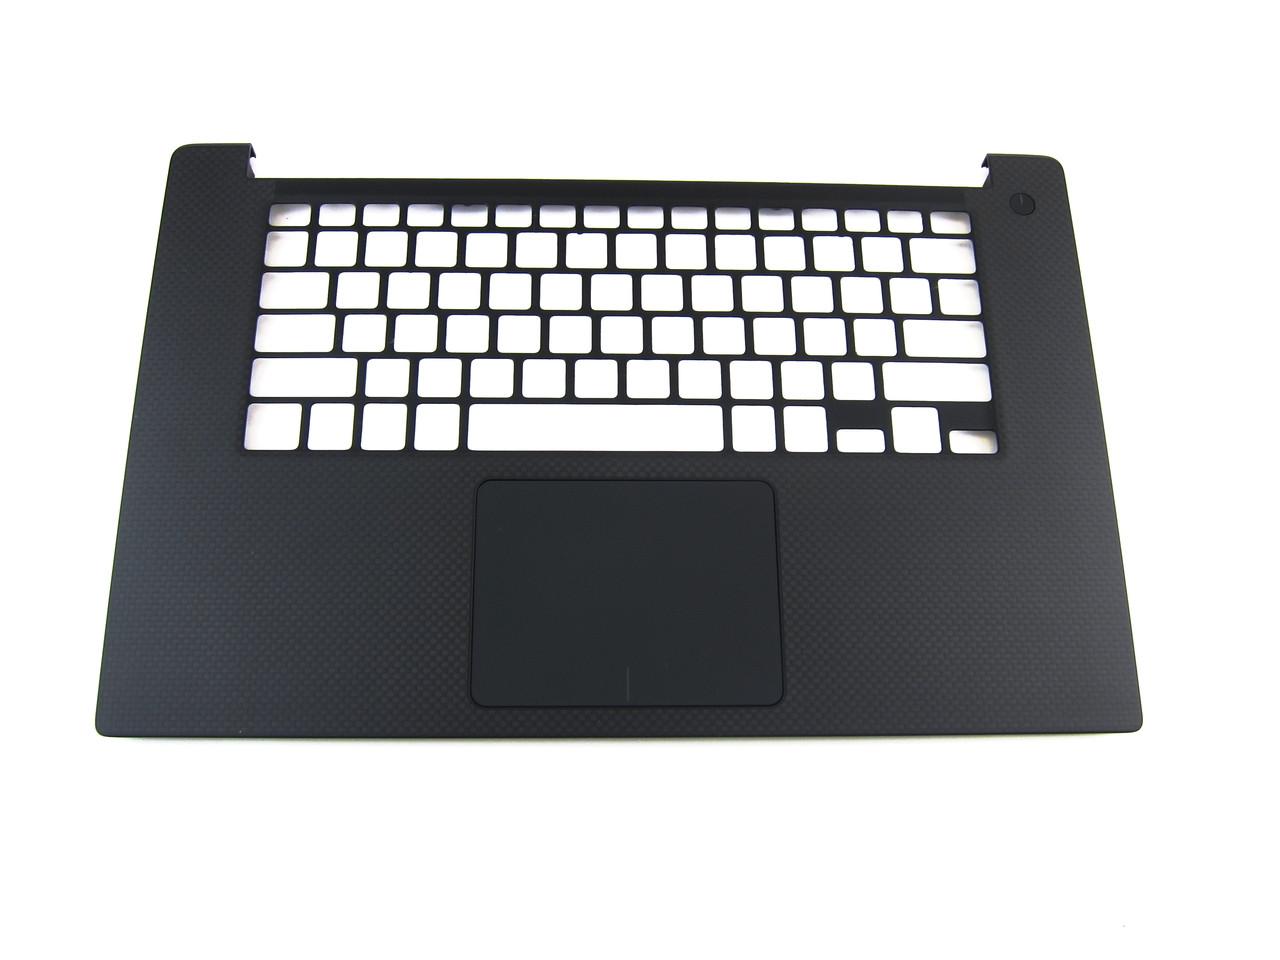 Dell XPS 15 9550 Palmrest Touchpad Assembly - JK1FY